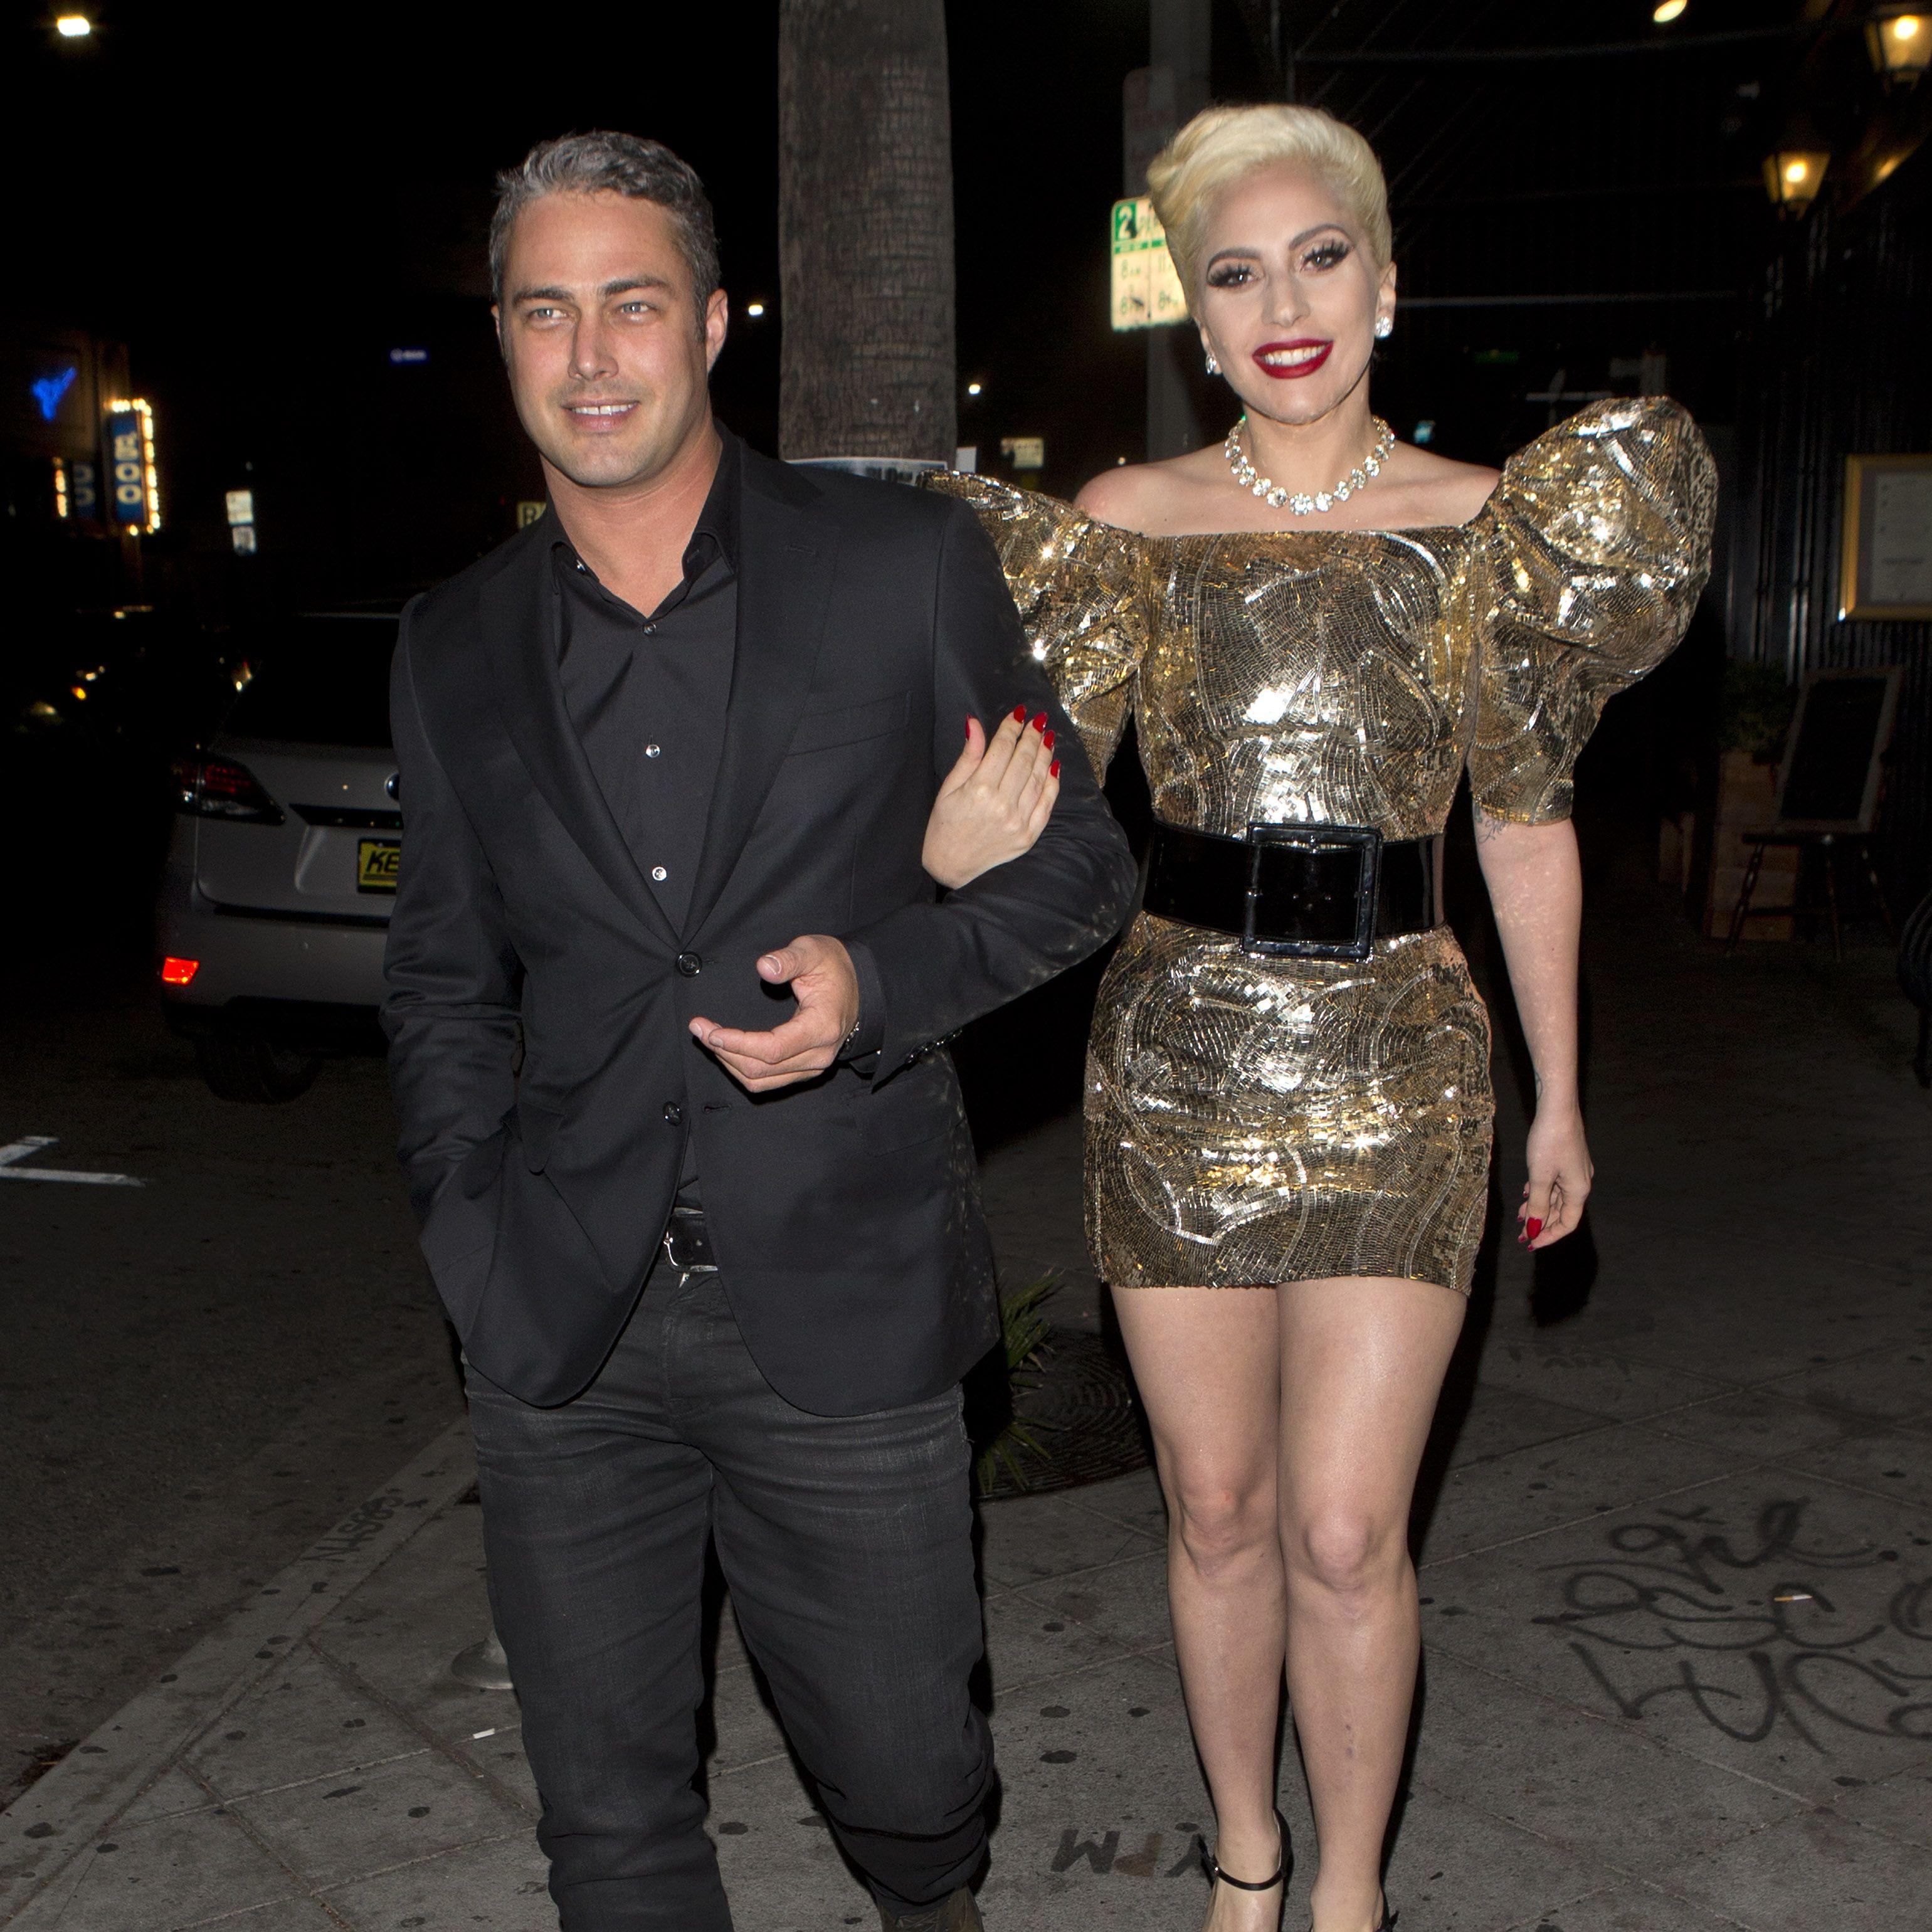 Lady Gaga's 30th birthday party